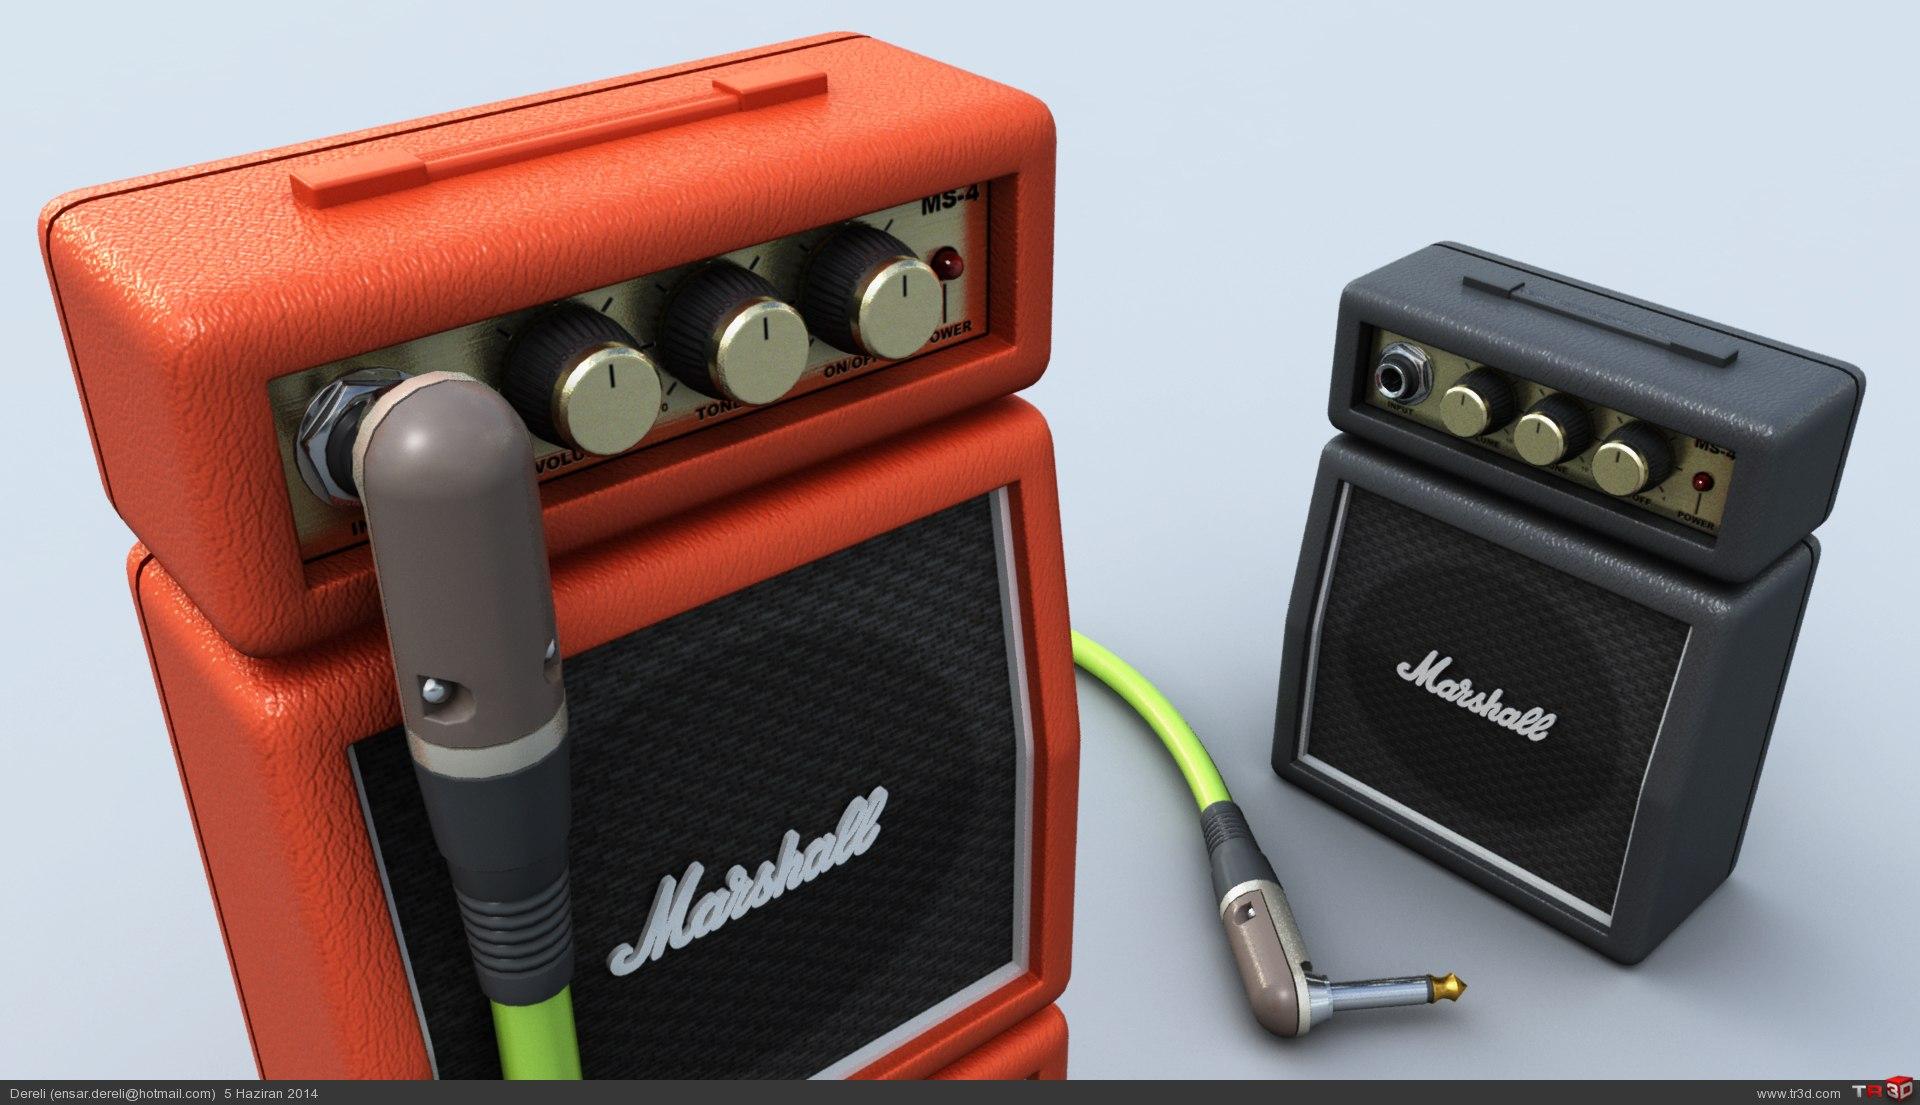 Marshall MS 2